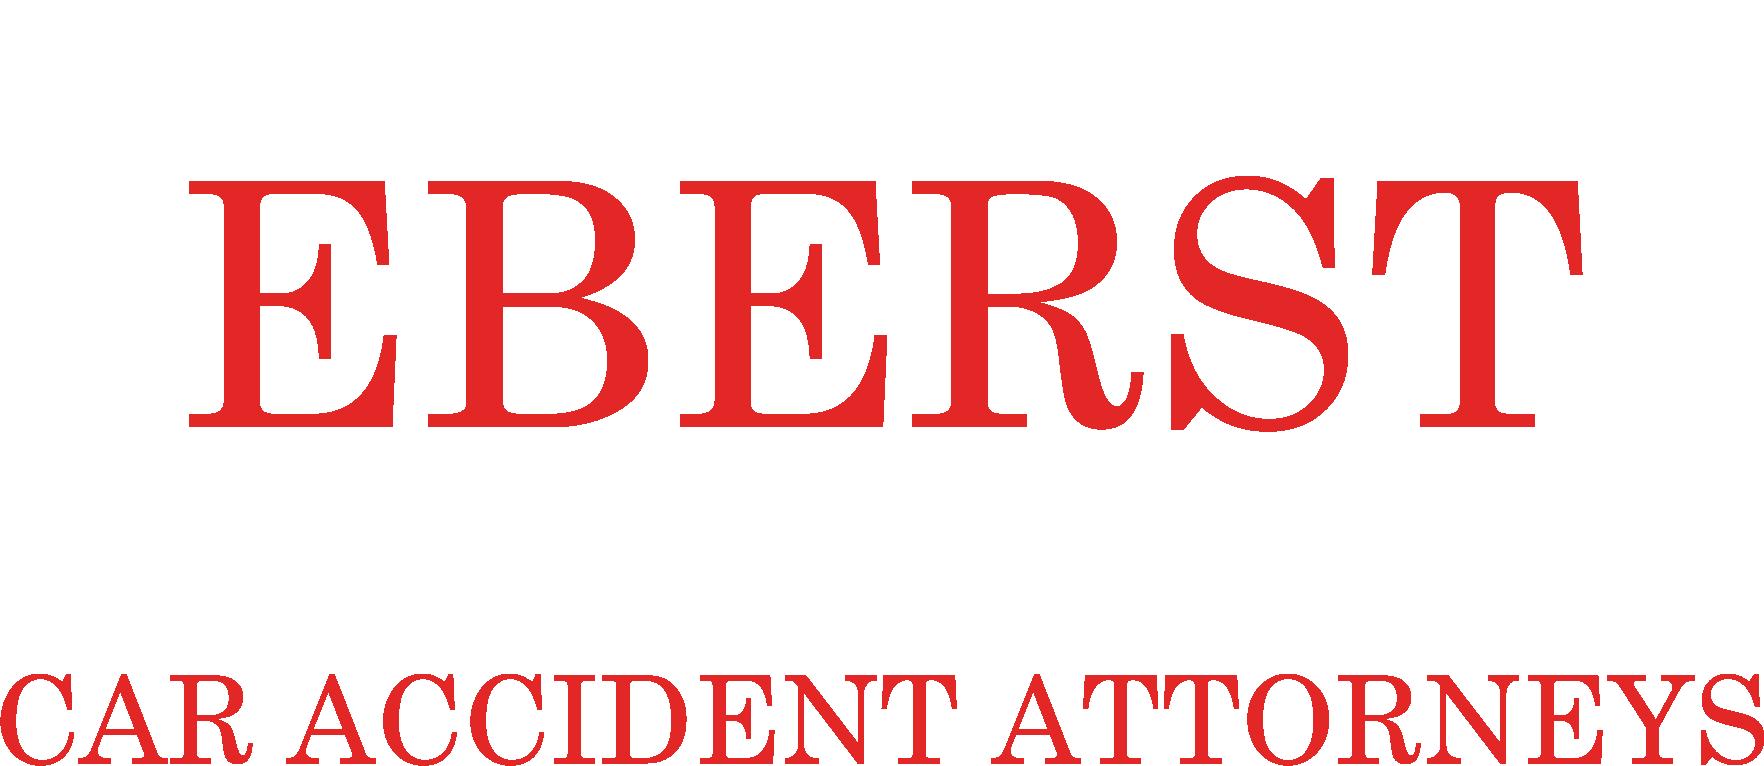 Eberst-logo-FINAL WHITE.png